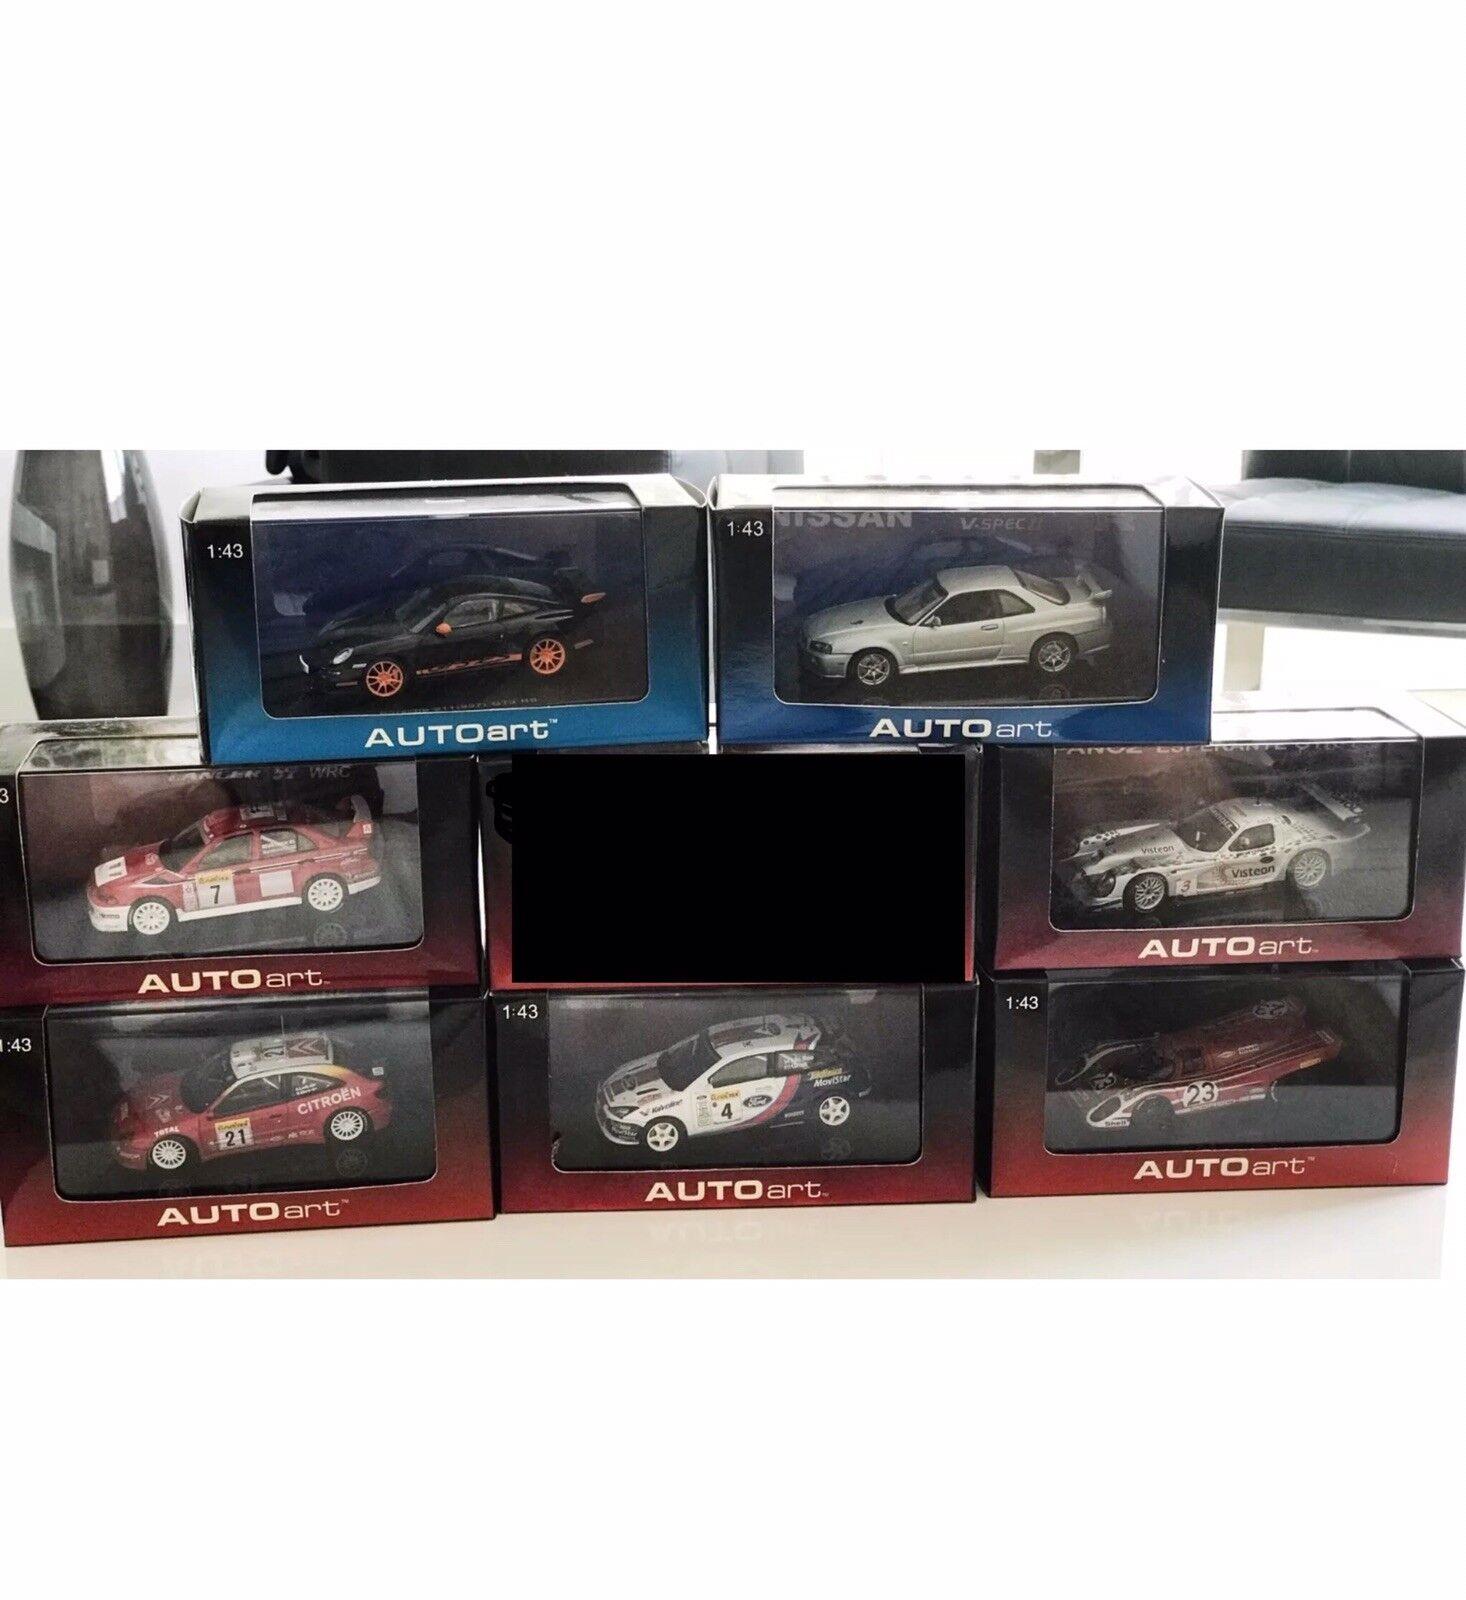 AUTOart - 1 43 Models NIB Mitsubishi Subaru Porsche Citroen Ford Panoz Nissan